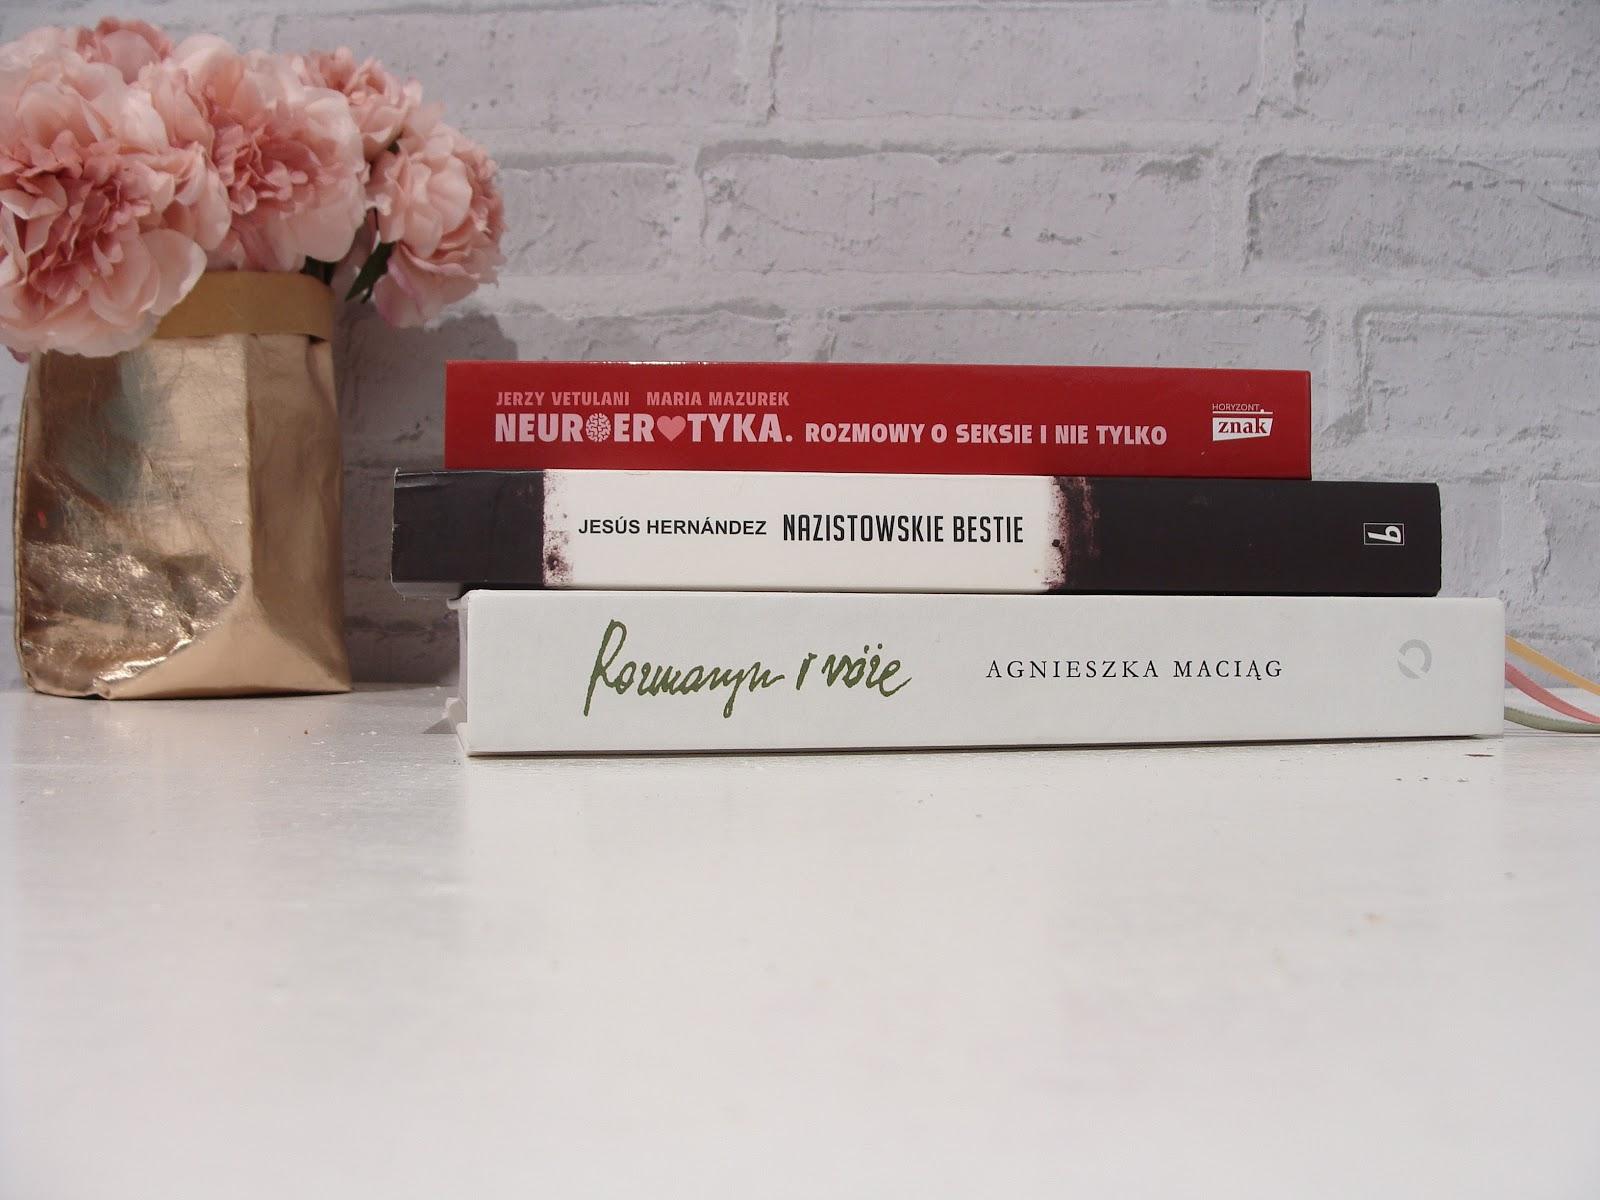 Książki na jesienne wieczory,które musisz przeczytać